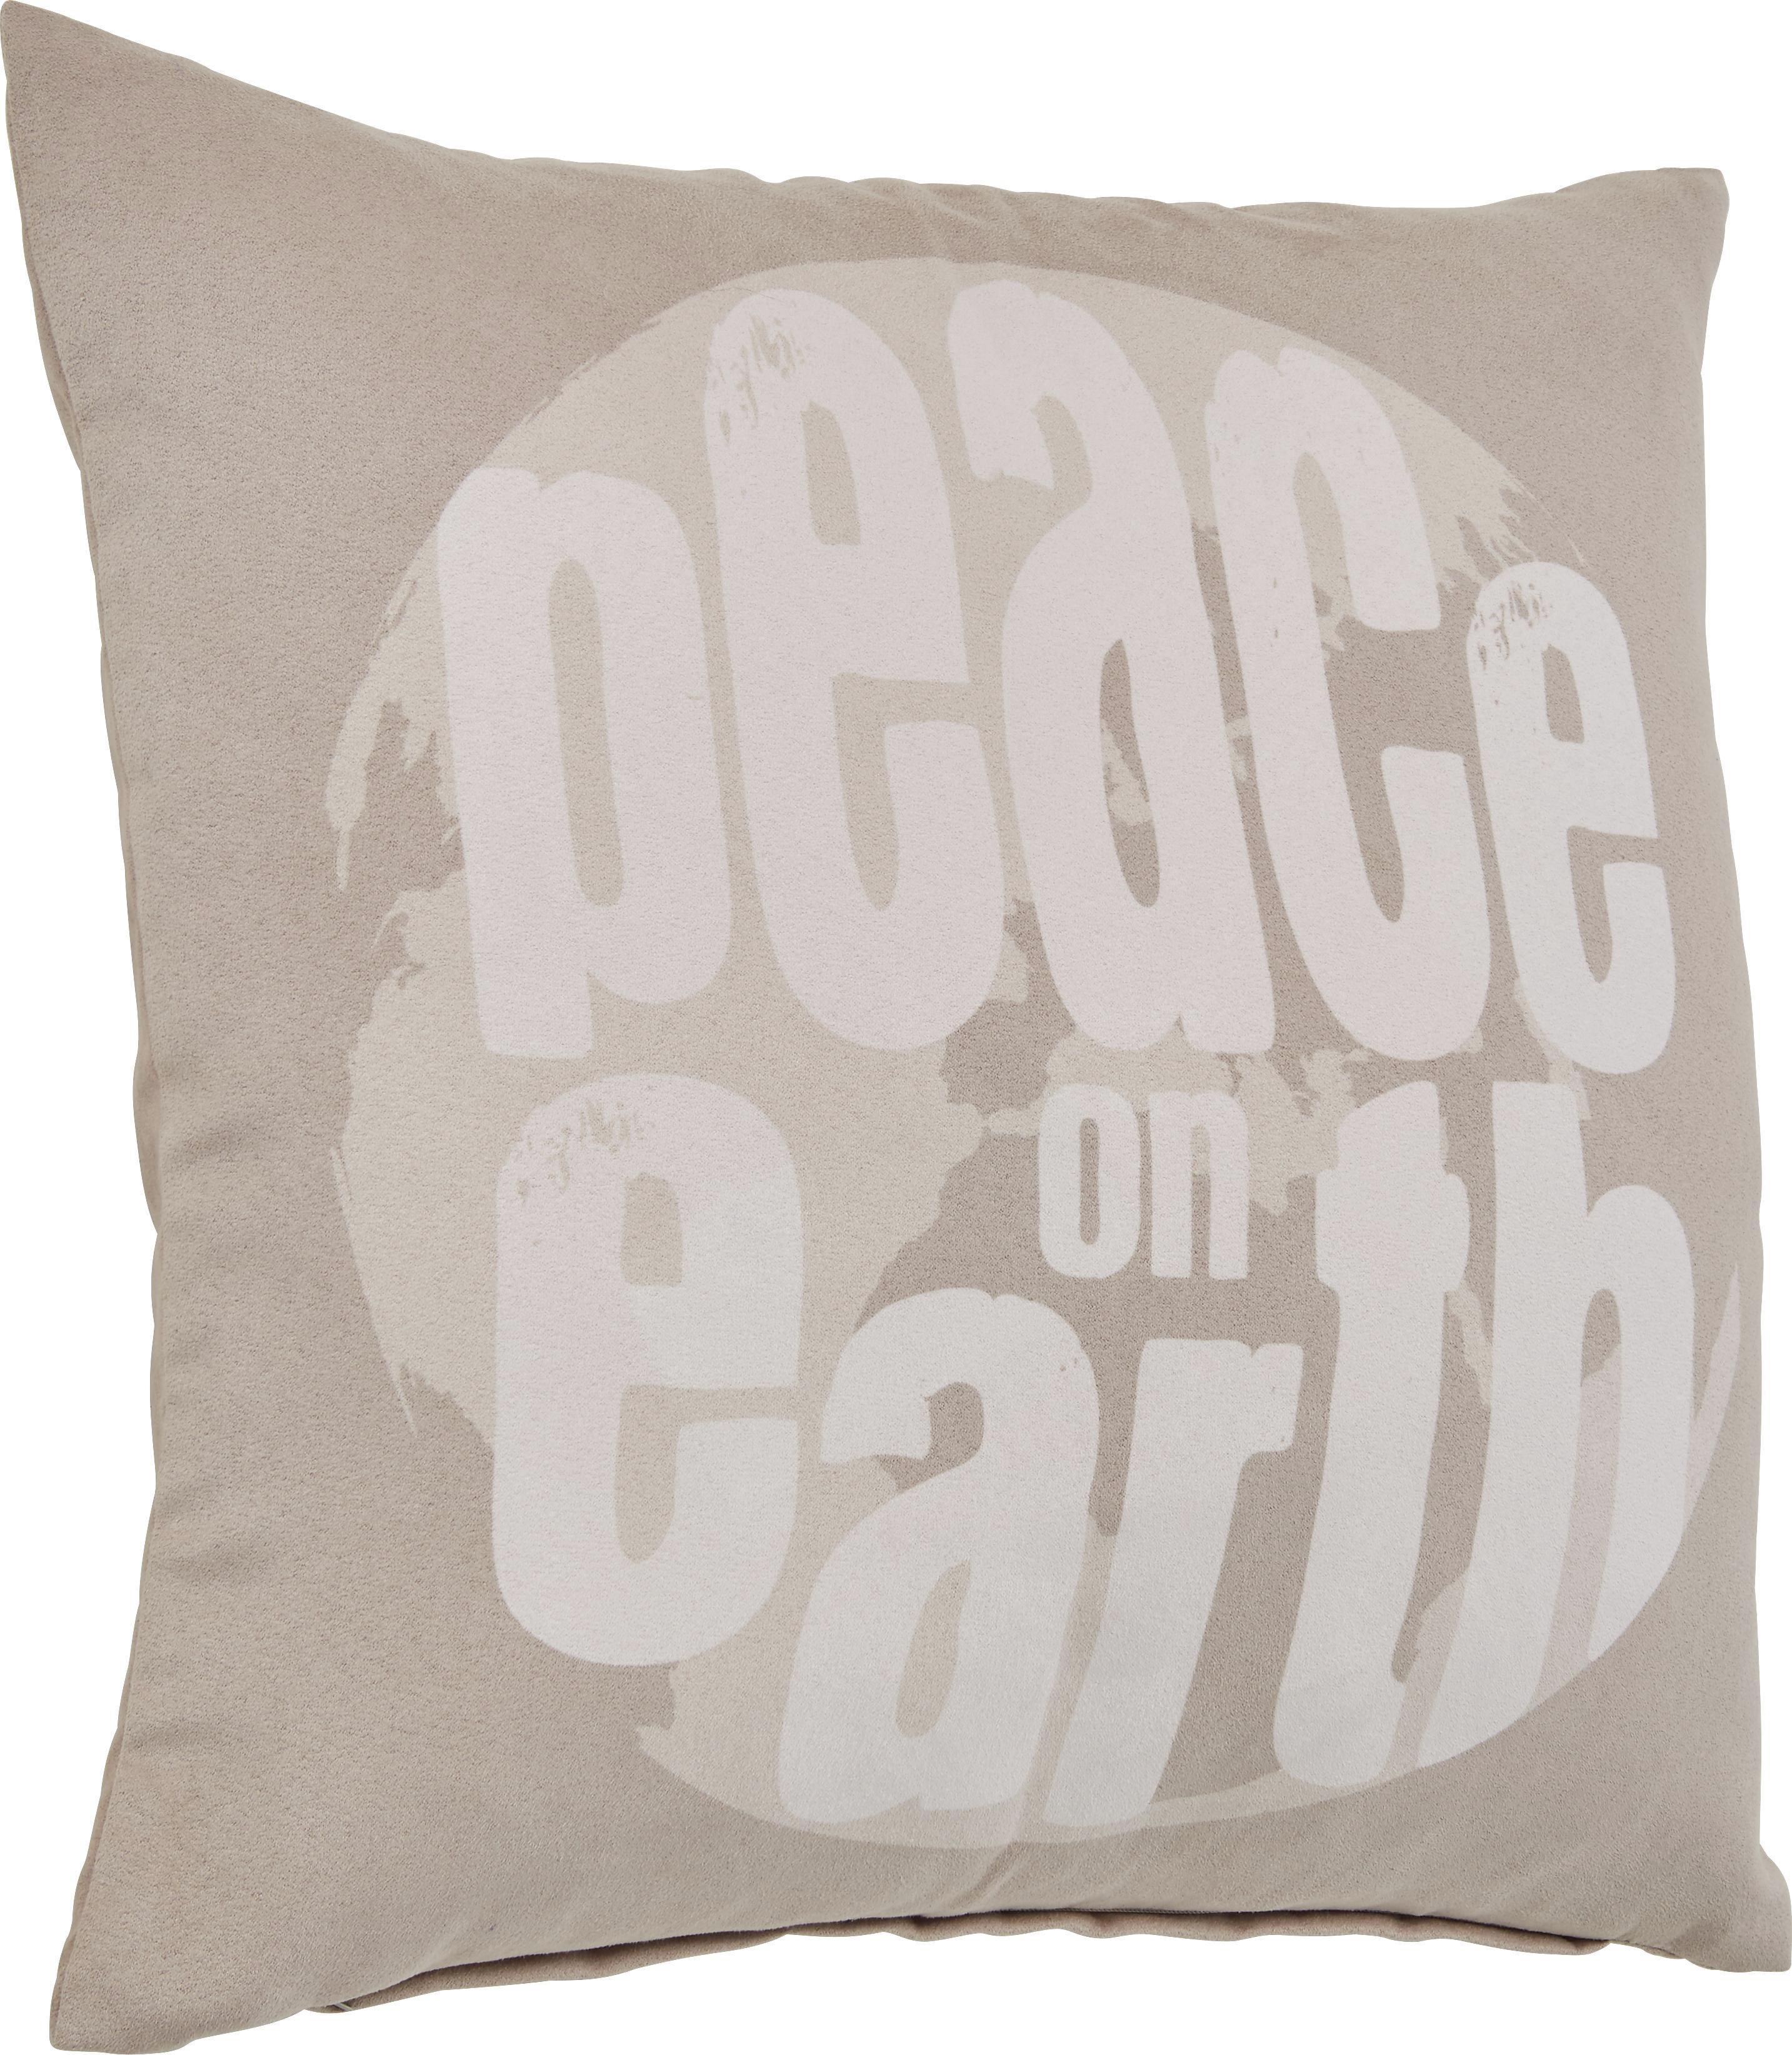 Zierkissen Peace in Beige, ca. 45x45cm - Beige, ROMANTIK / LANDHAUS, Textil (45/45cm) - MÖMAX modern living